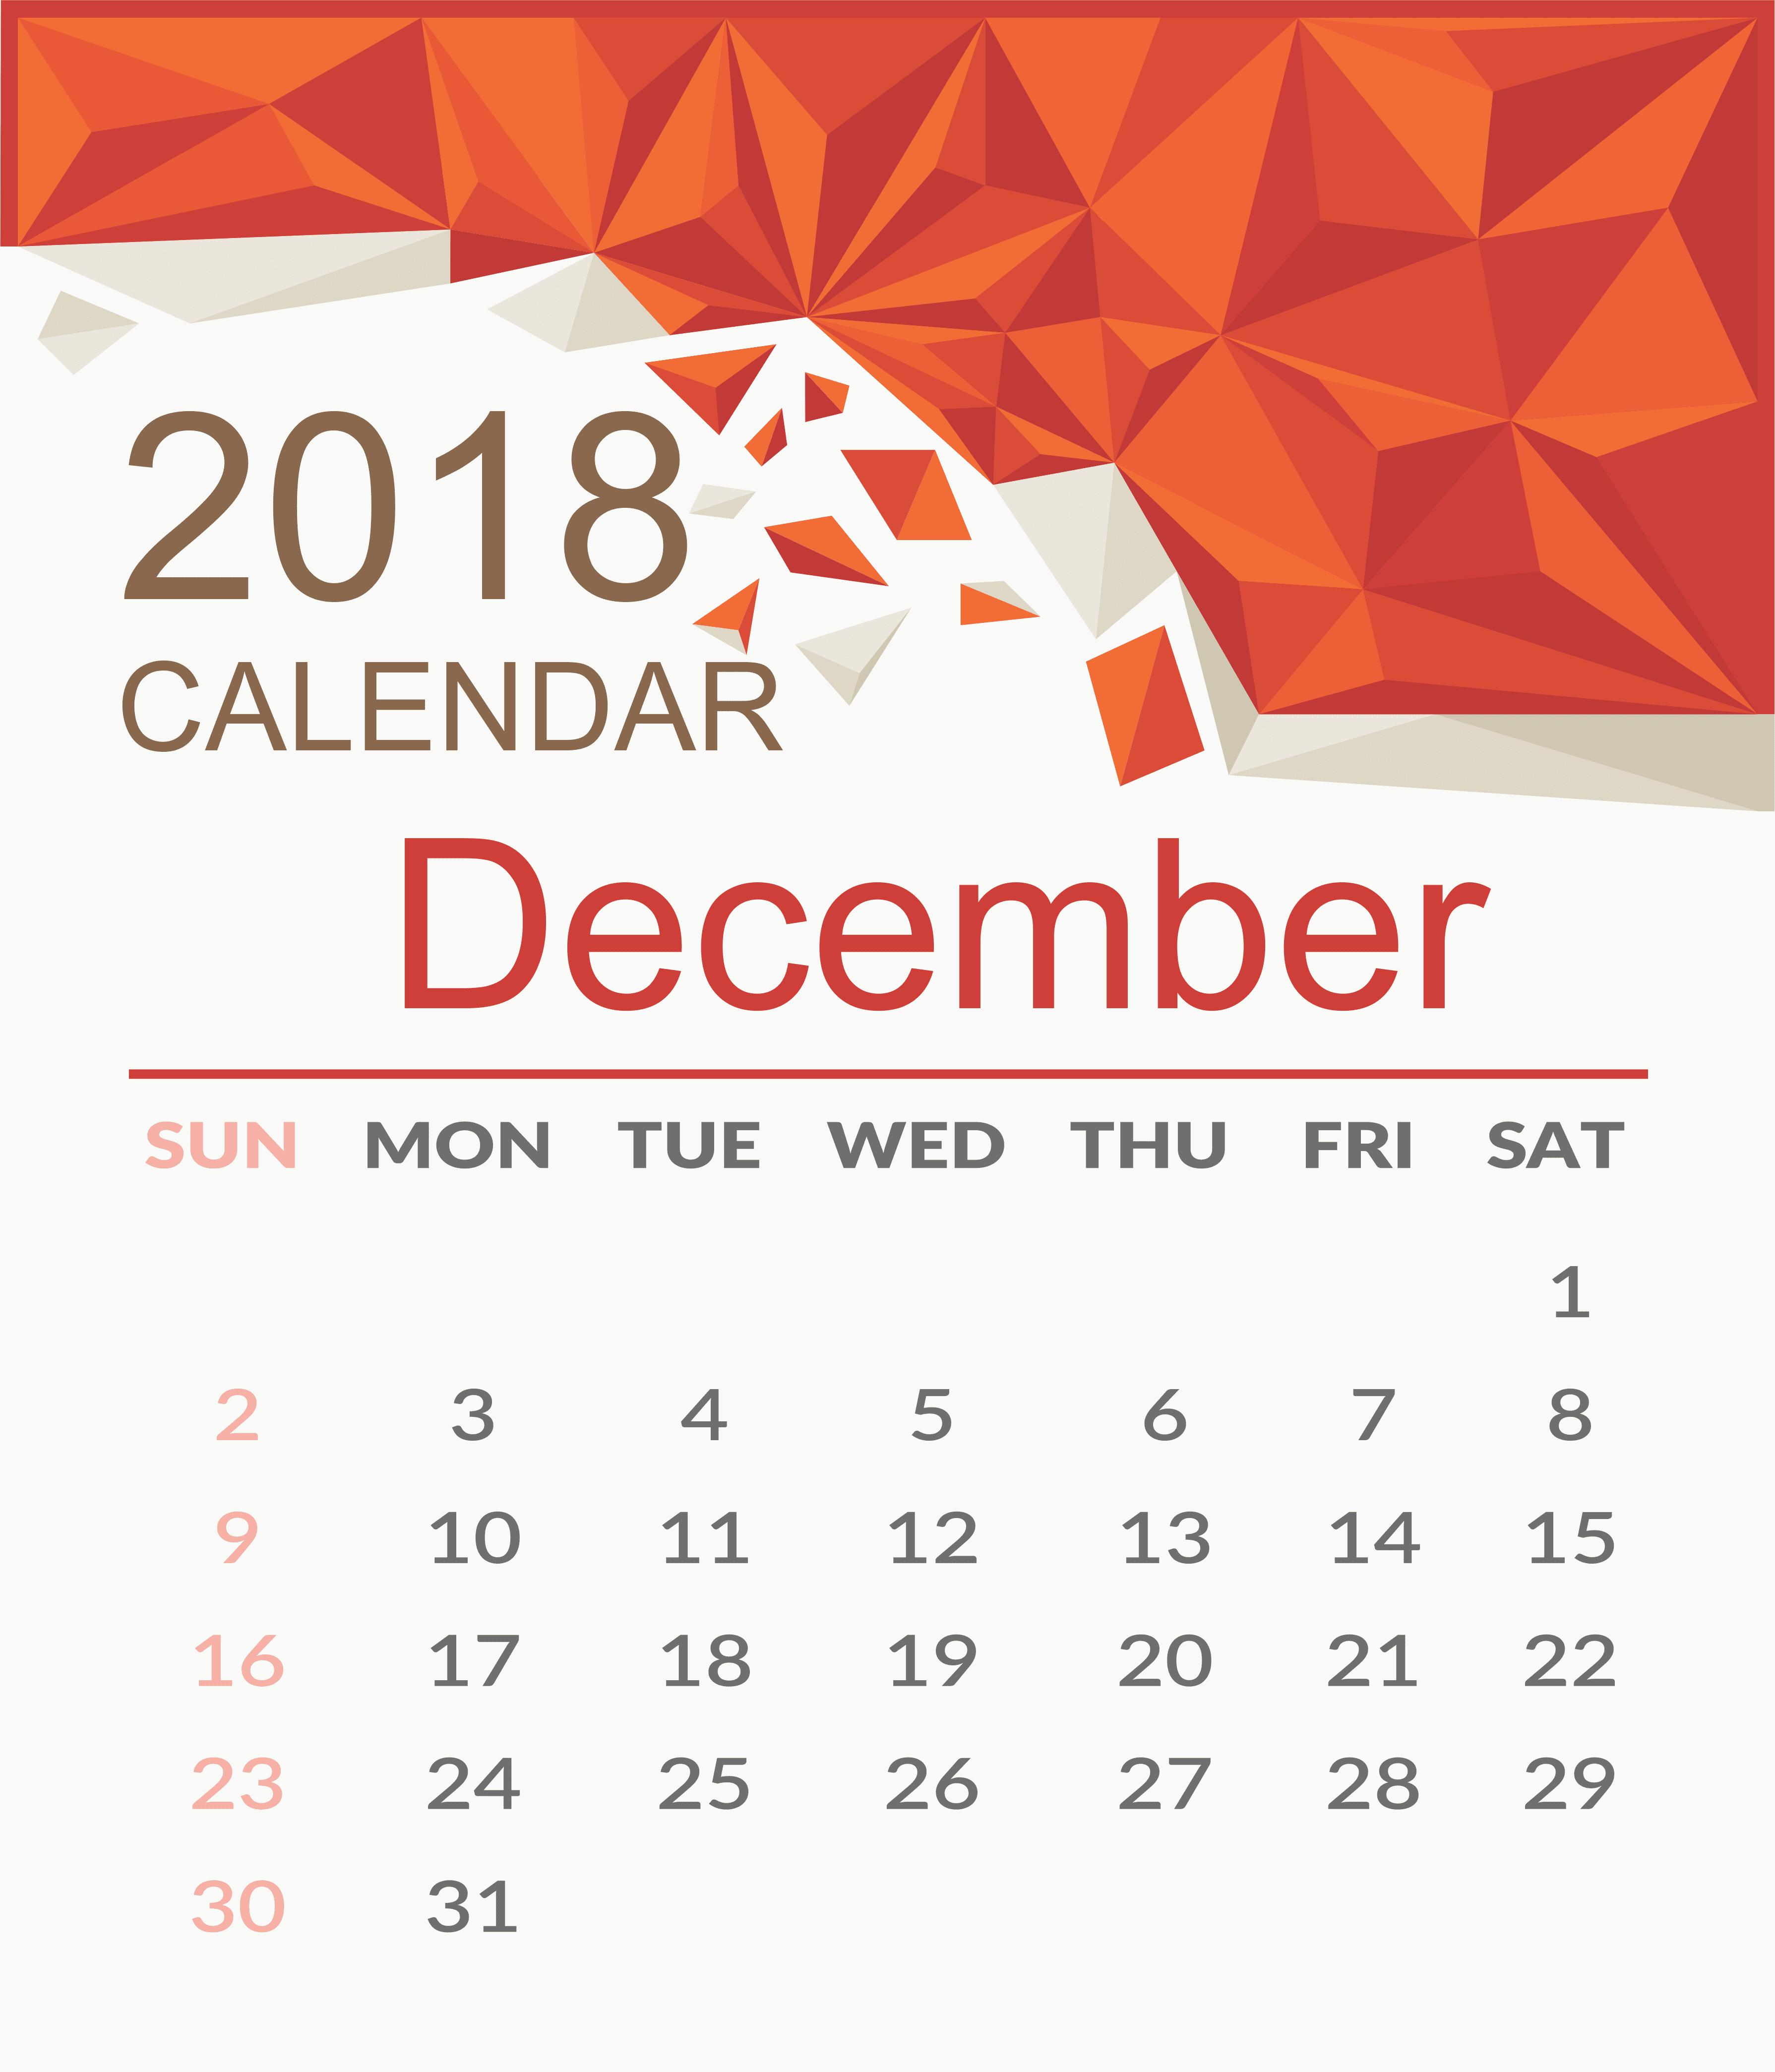 Calendar December 2018 UK